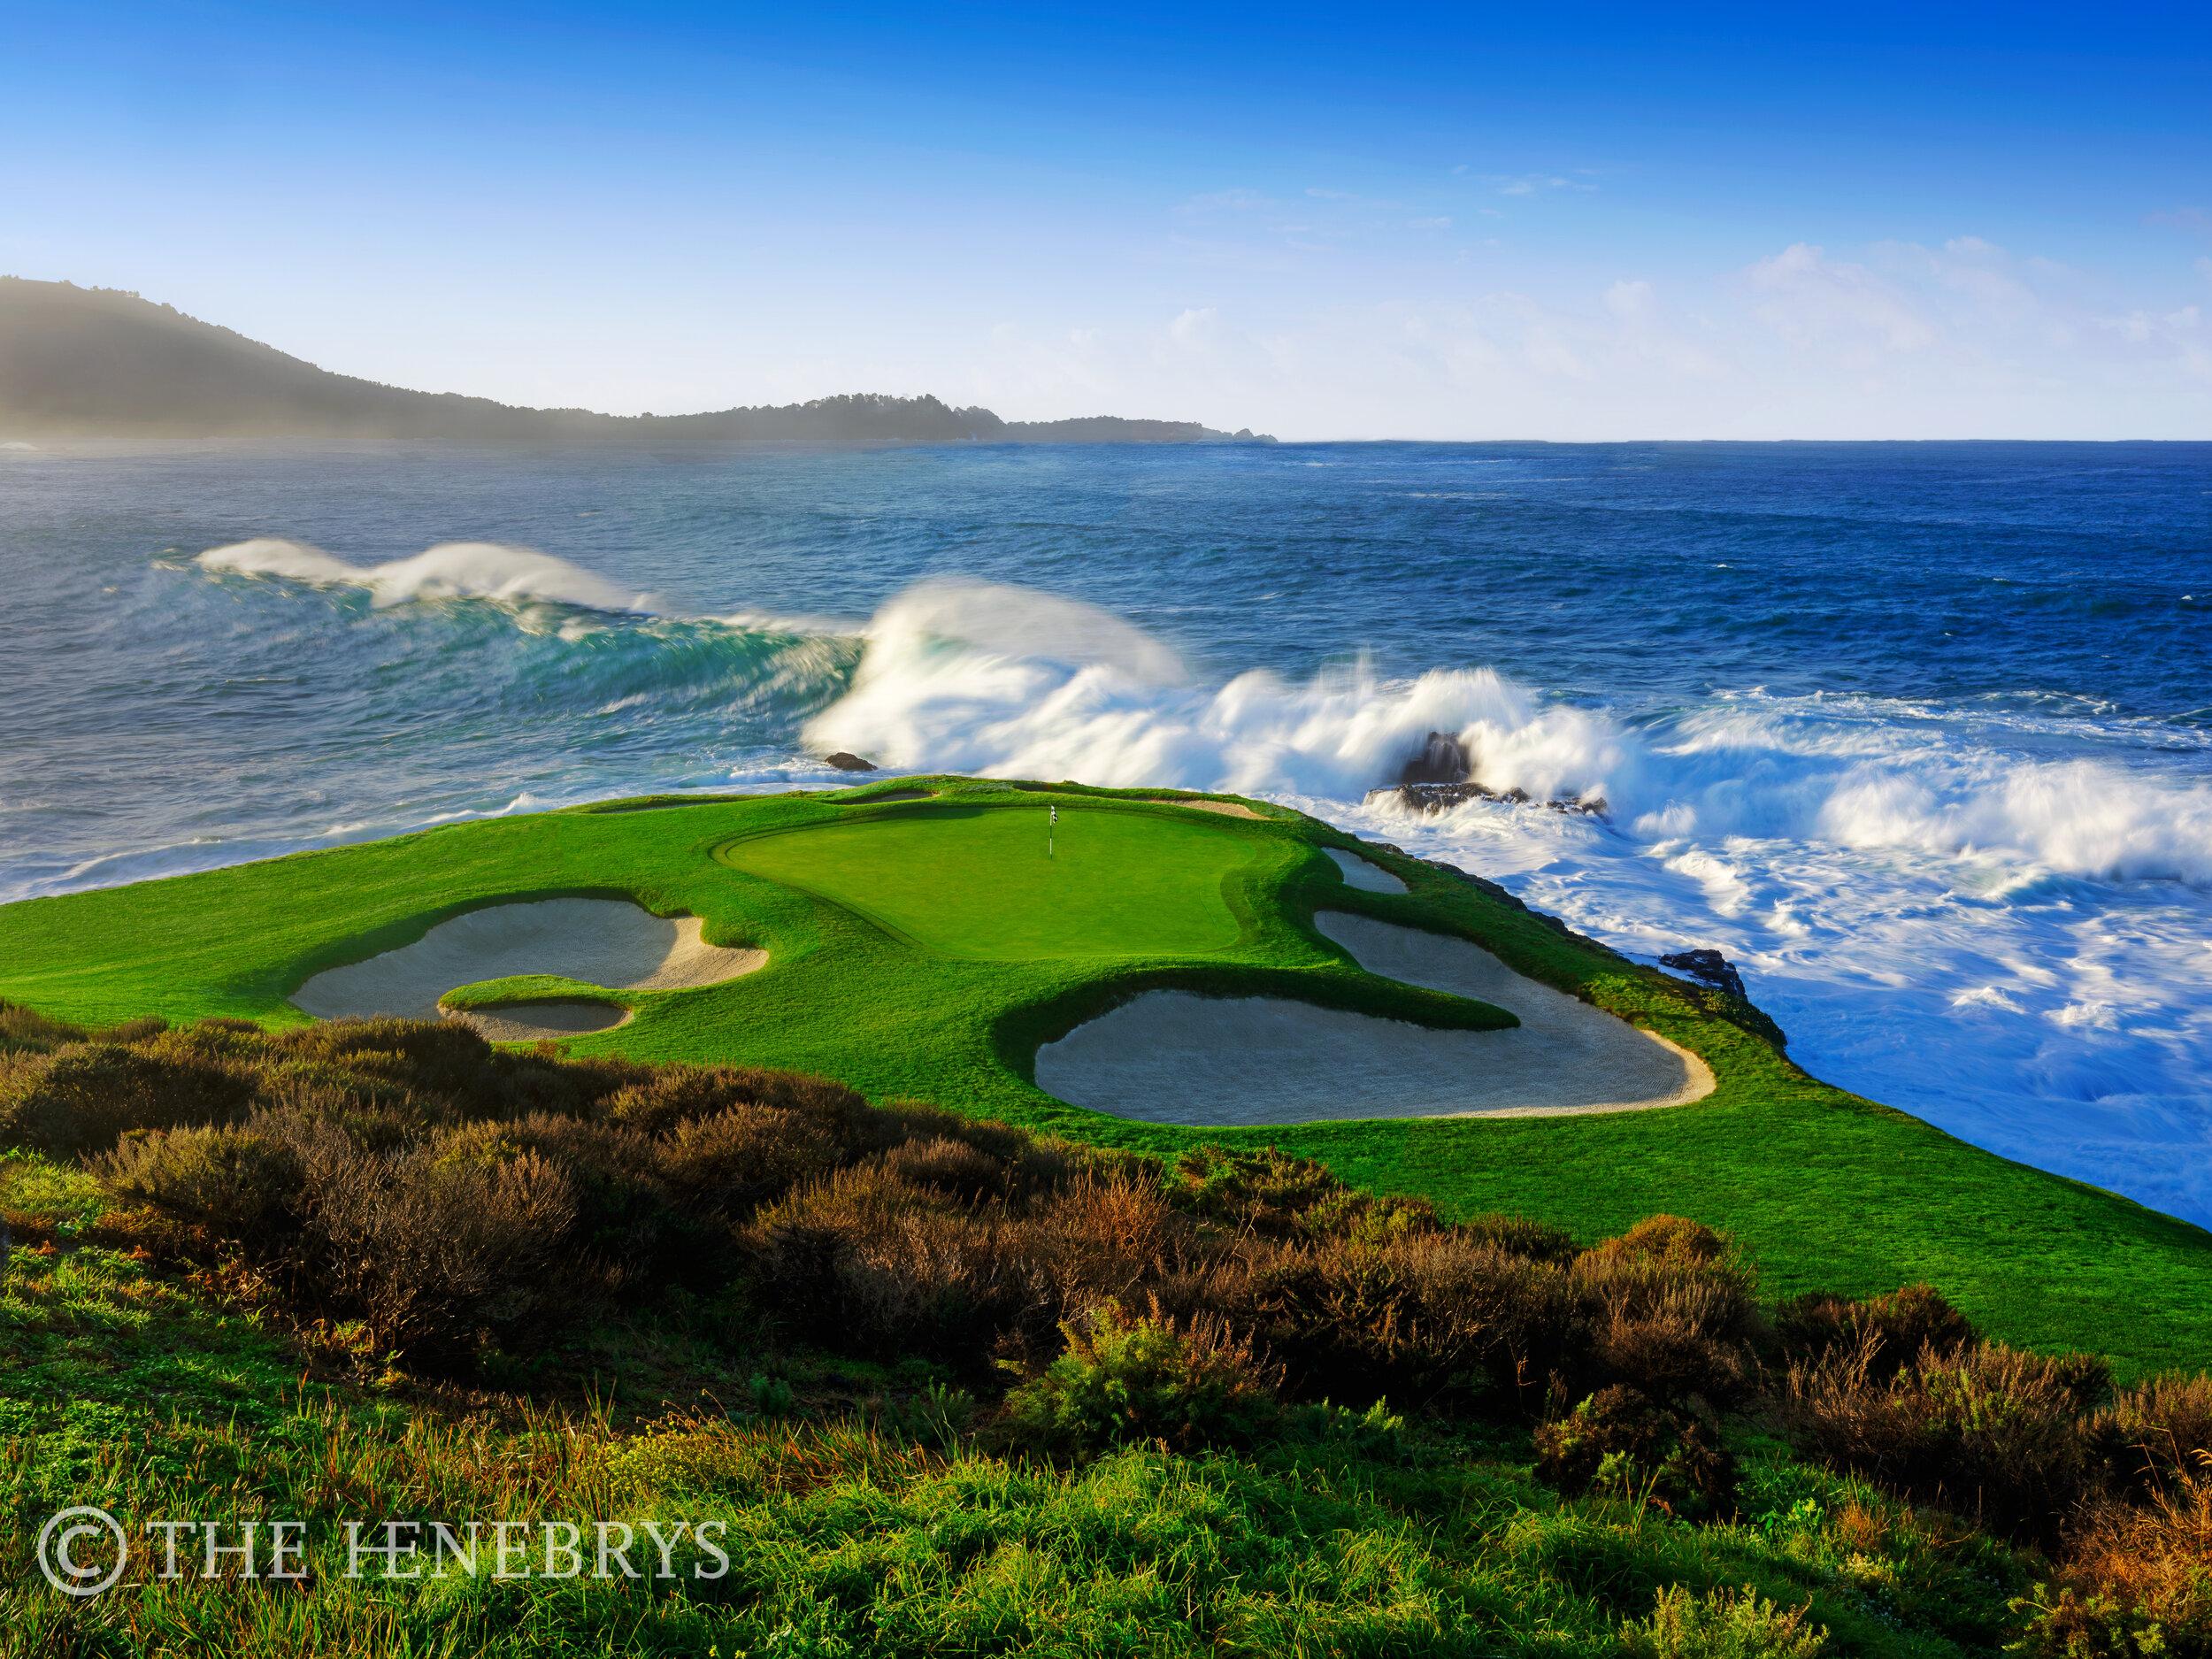 Premier Golf Course Photographers